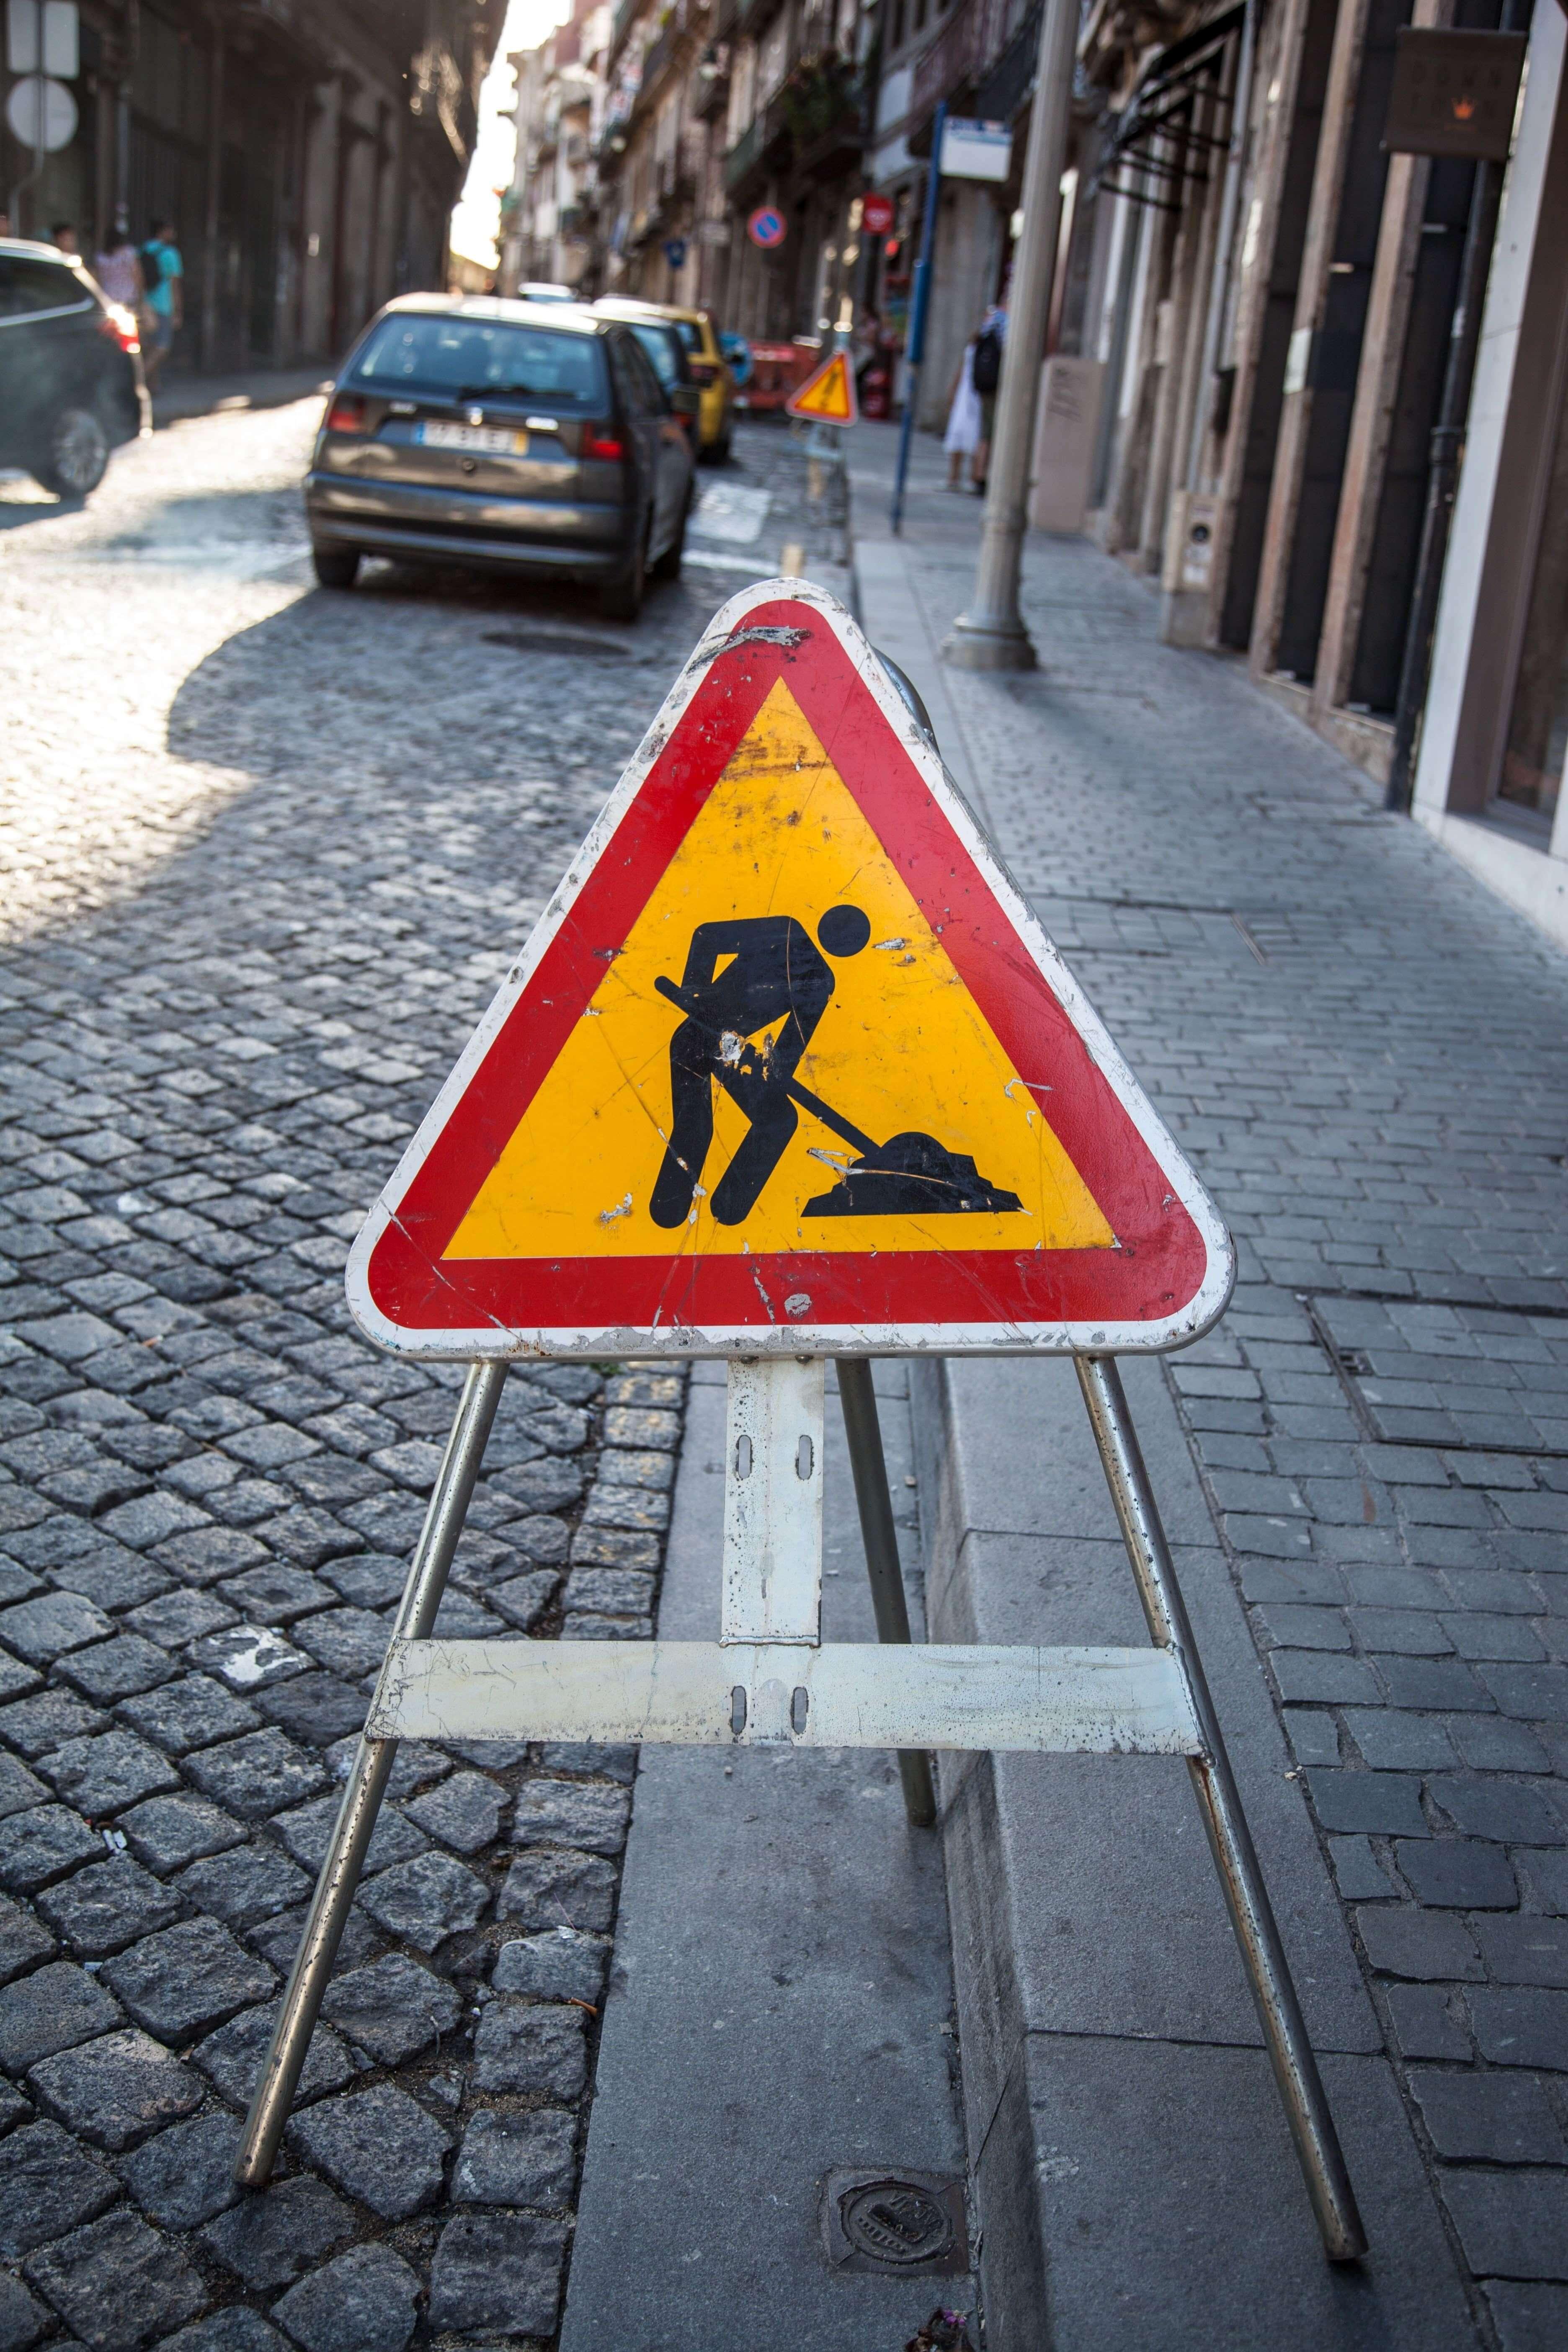 iş güvenliği uyarı levhaları ne anlama gelir